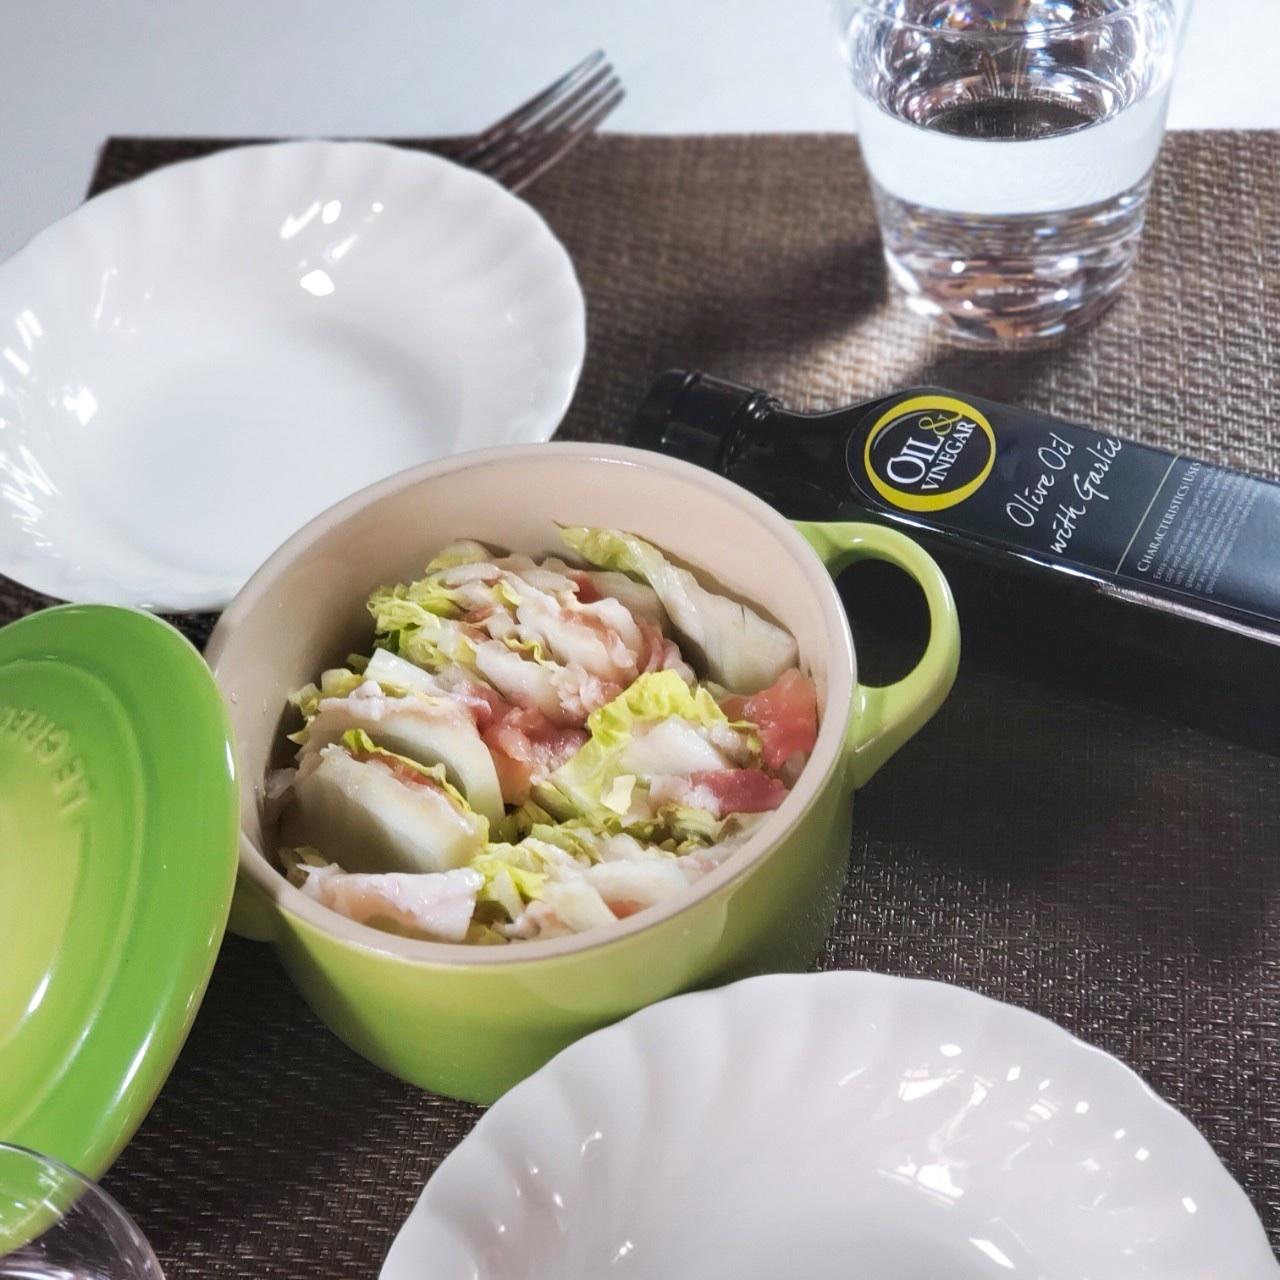 『豚バラ肉と白菜のミルフィーユ』